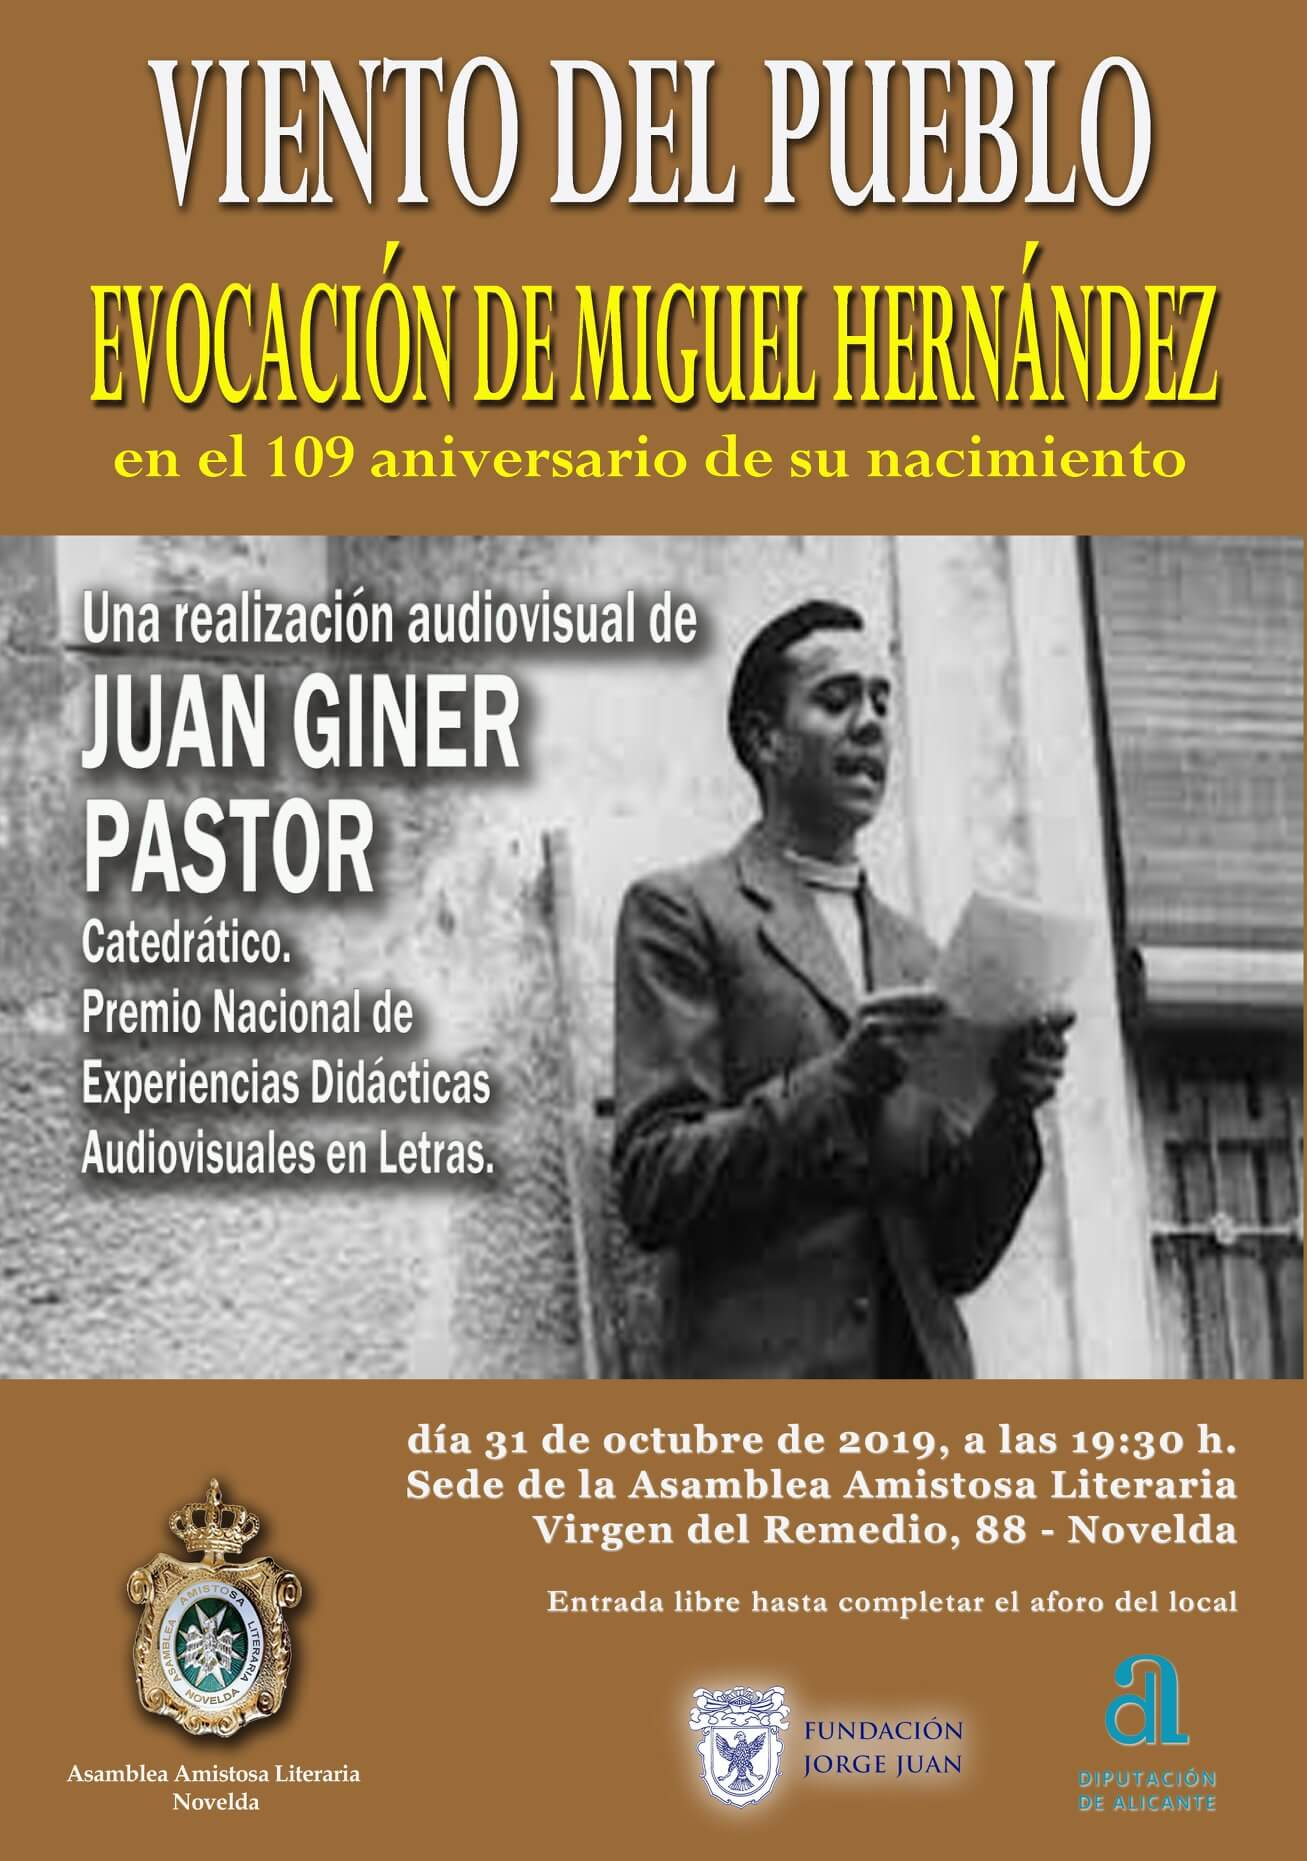 Viento del Pueblo - Evocación de Miguel Hernández